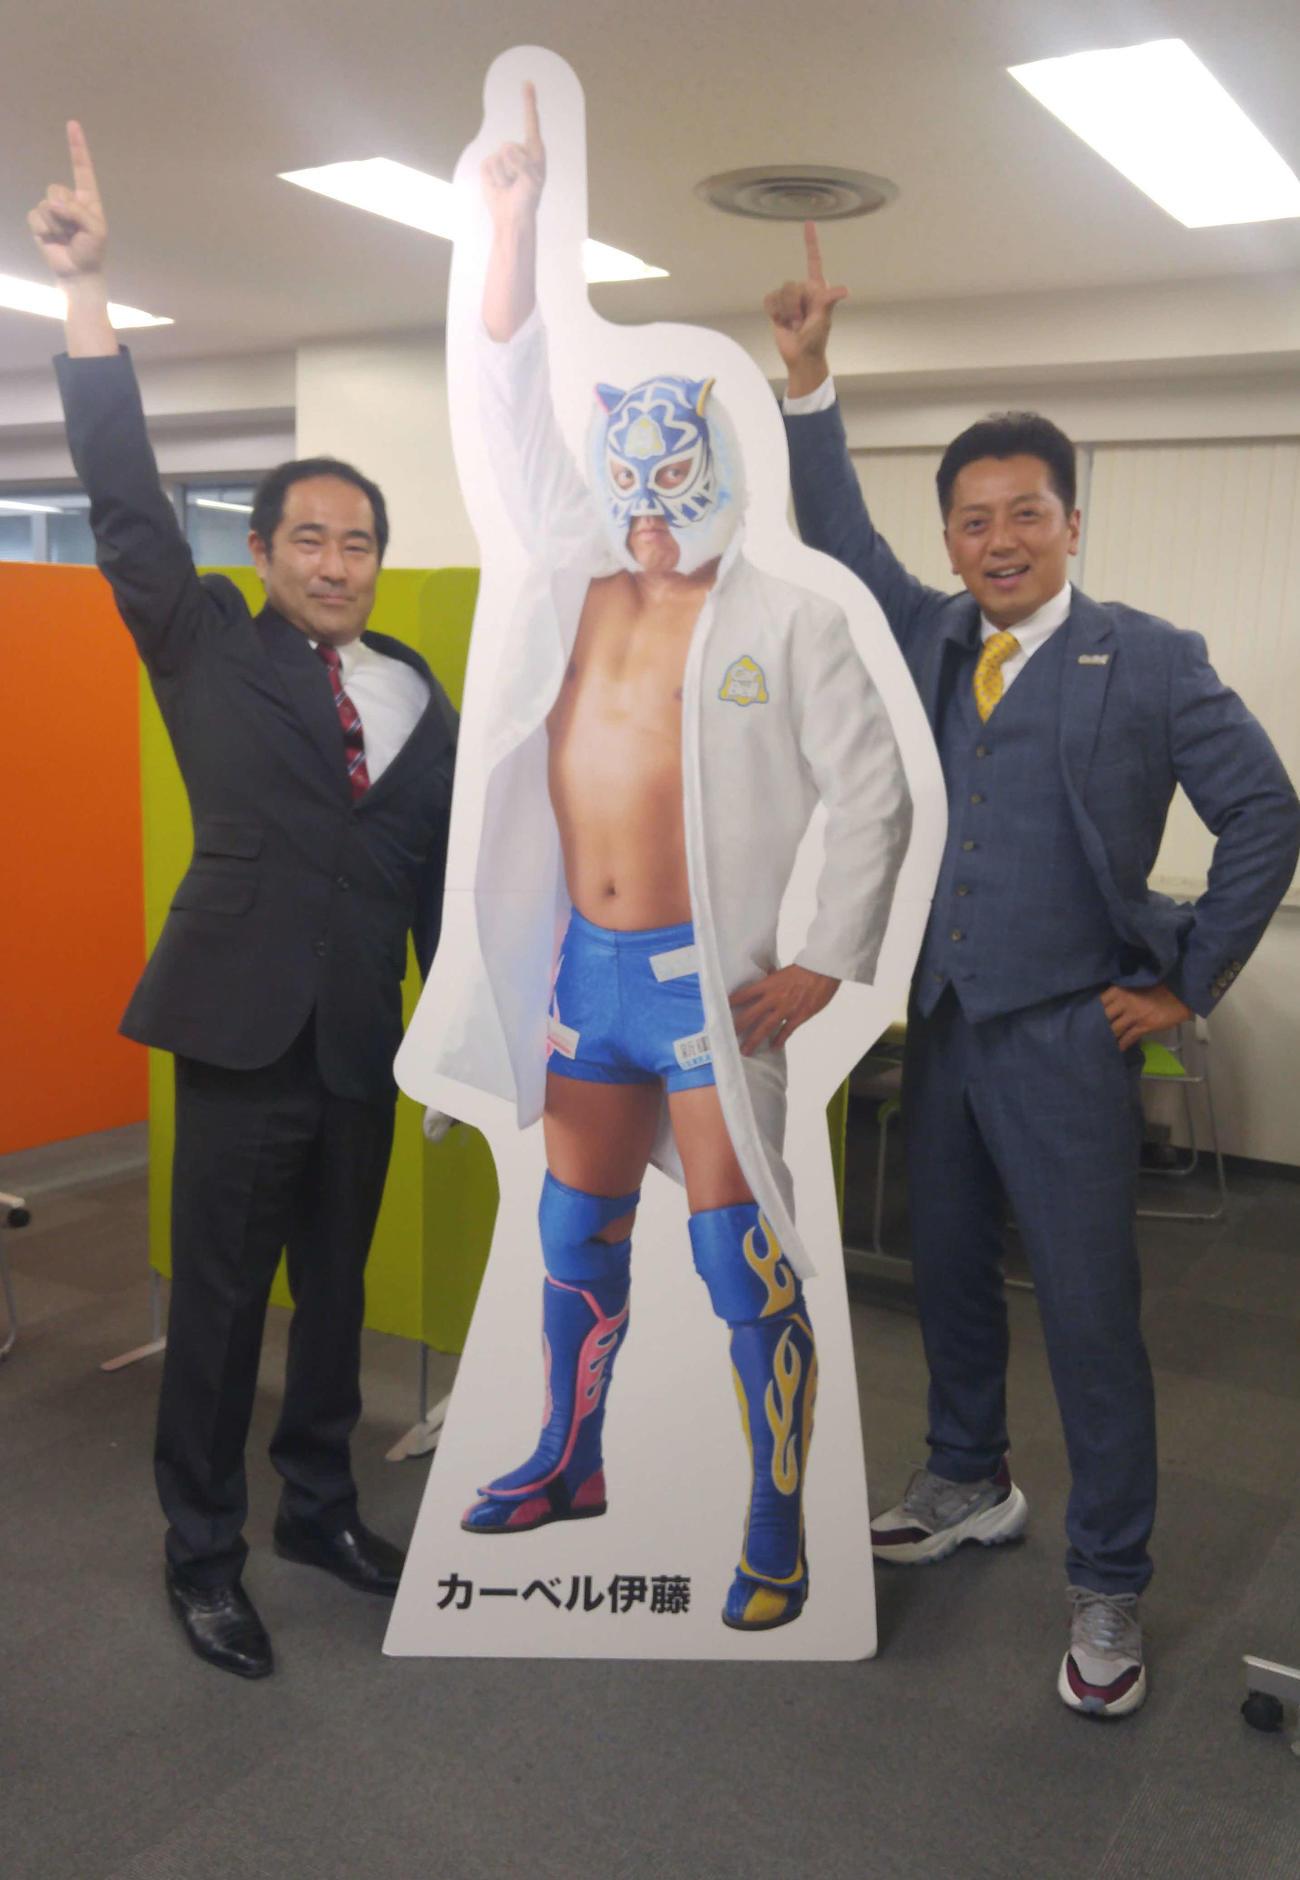 全日本プロレス福田剛紀社長(左)と株式会社カーベルの伊藤一正社長